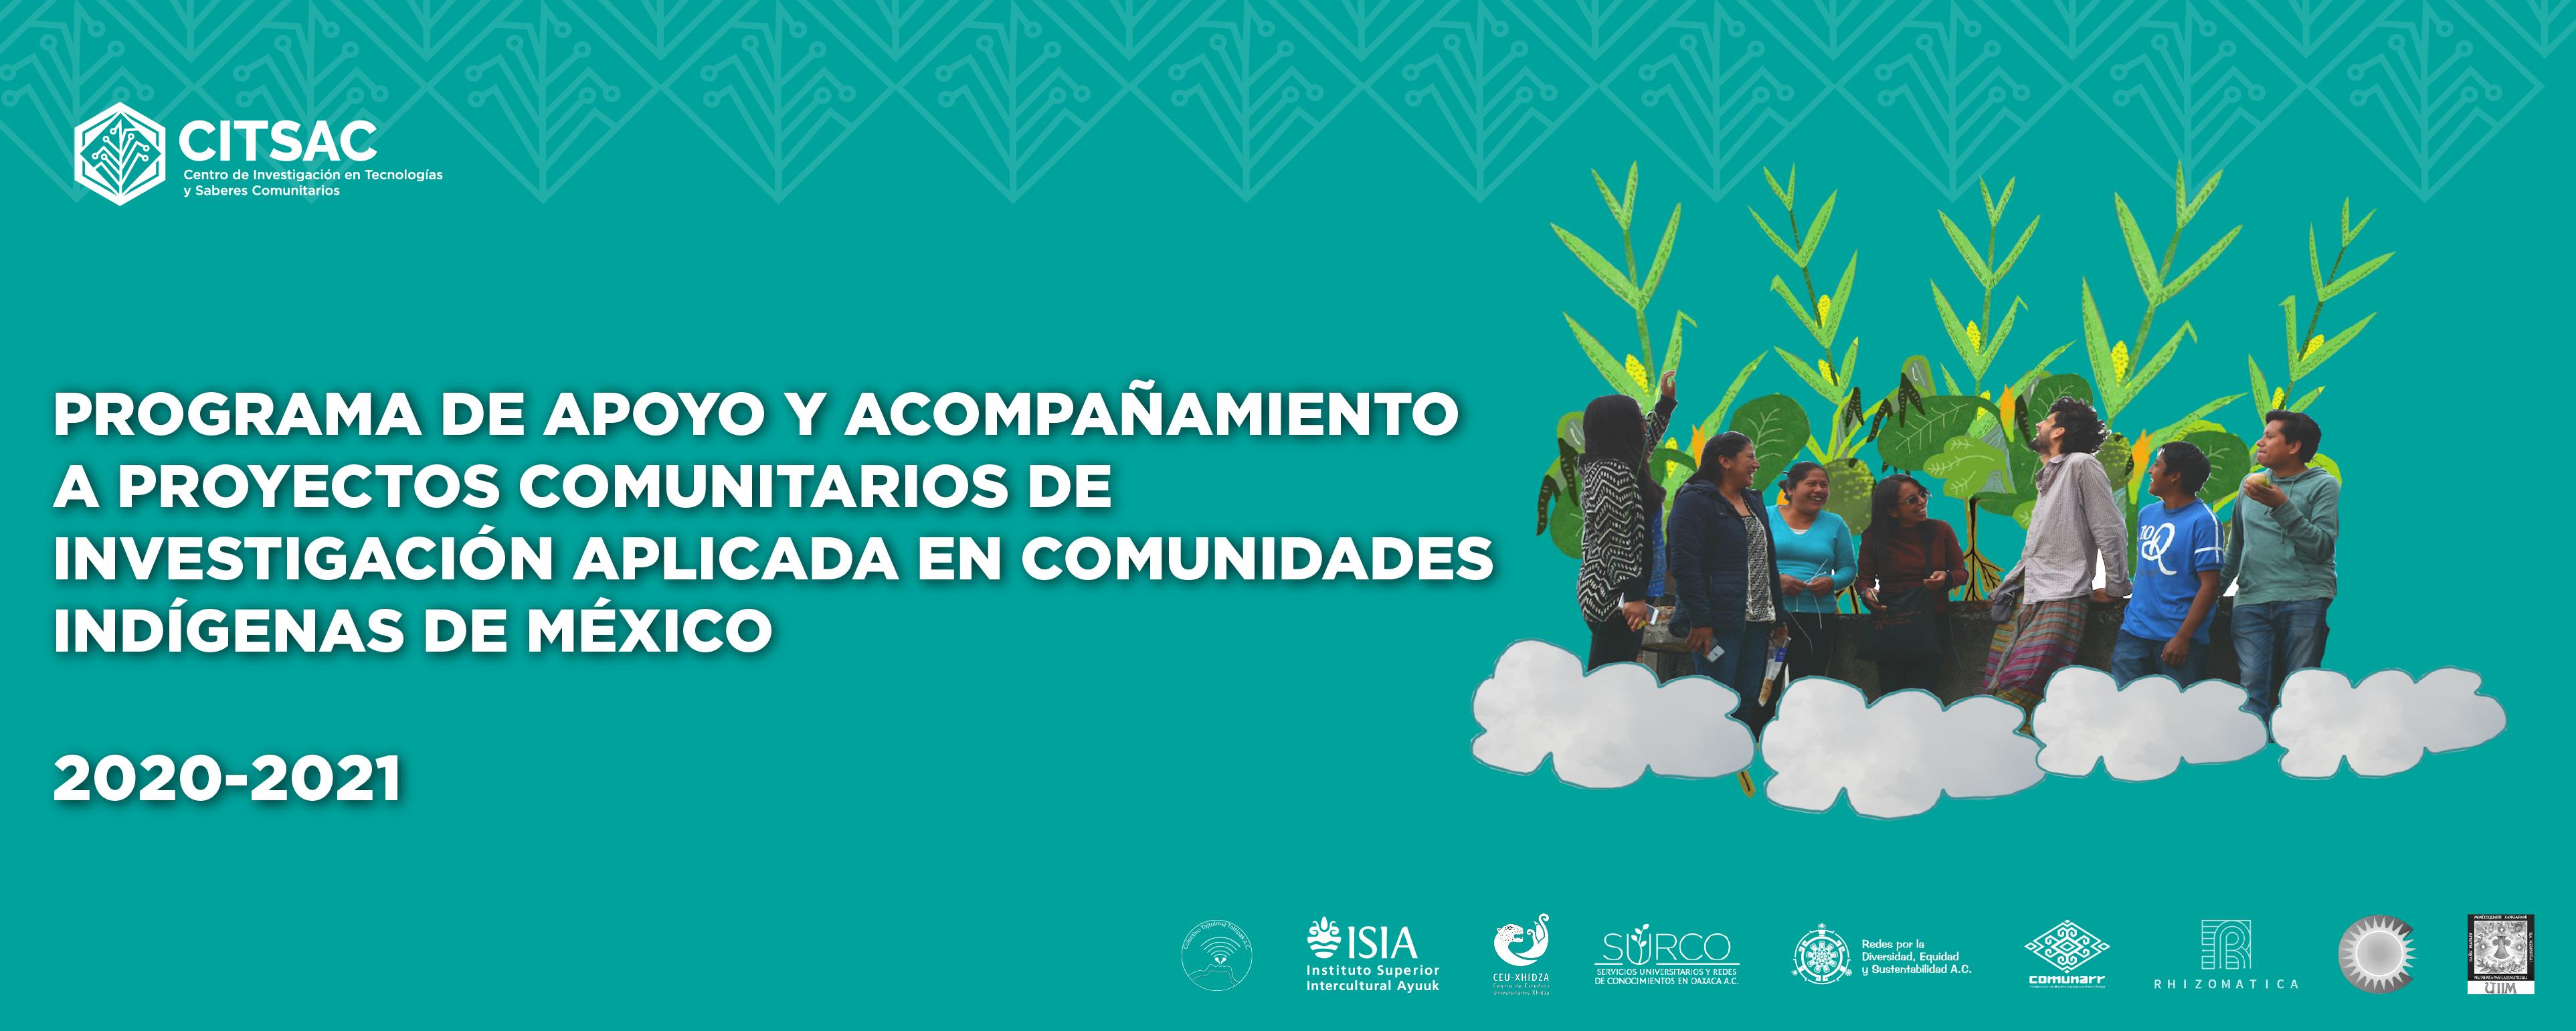 Programa de apoyo y acompañamiento a proyectos comunitarios de investigación aplicada en comunidades indígenas de México 2020-2021